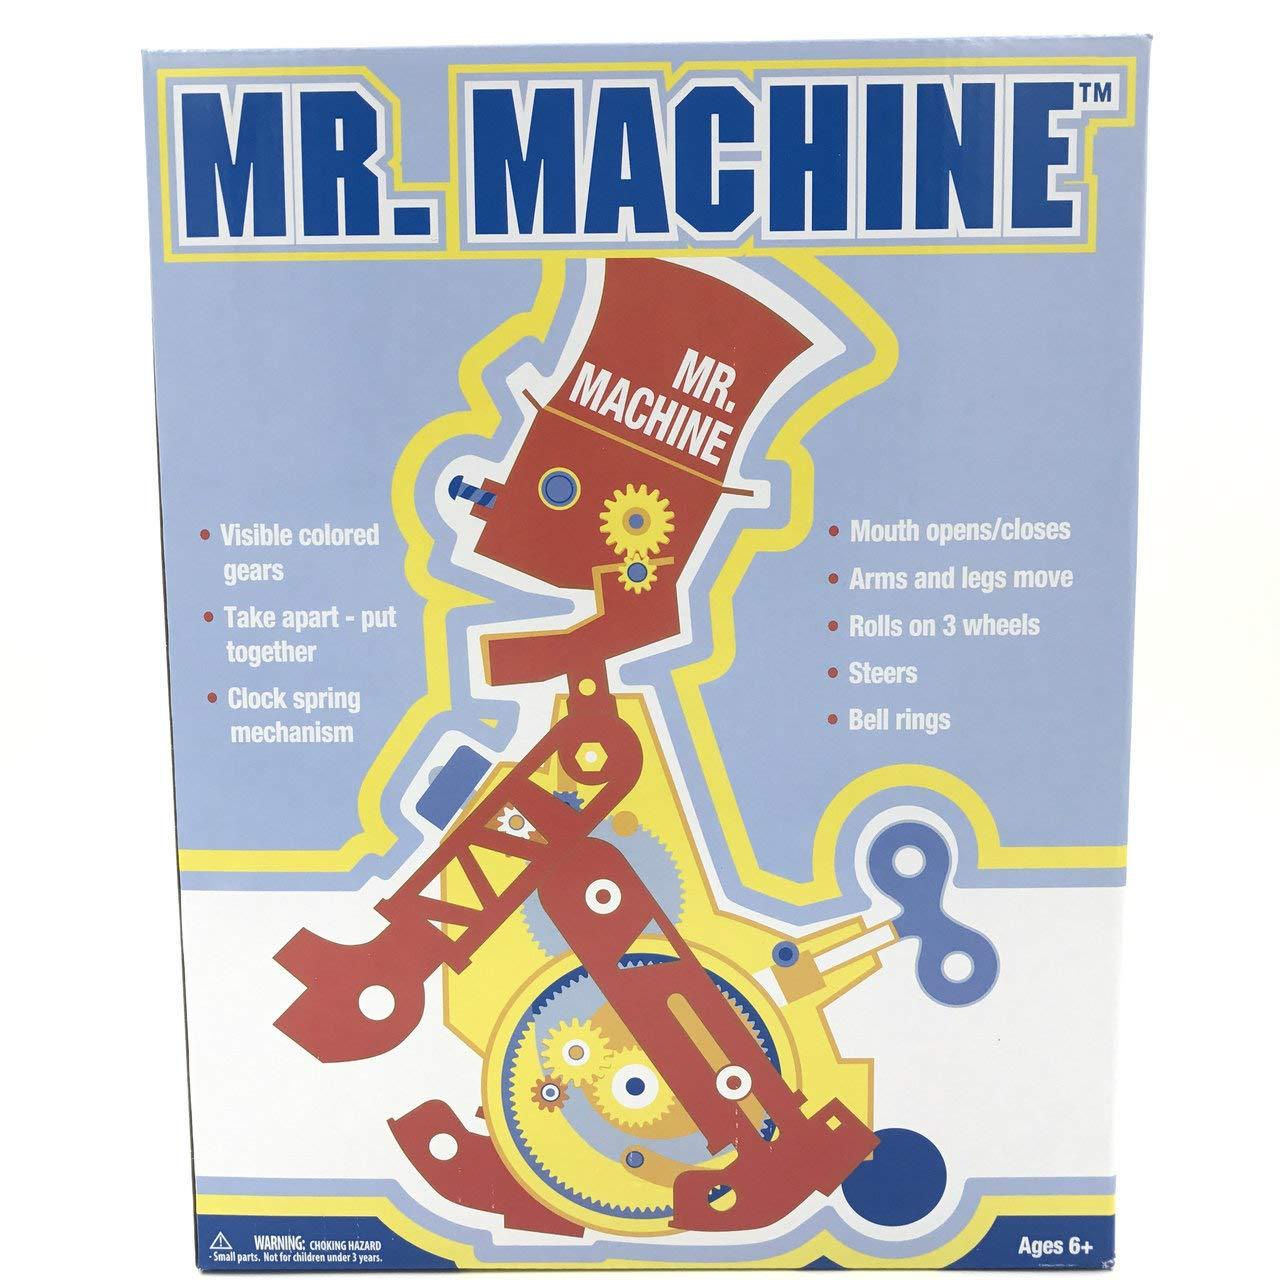 American Classic Mr Machine